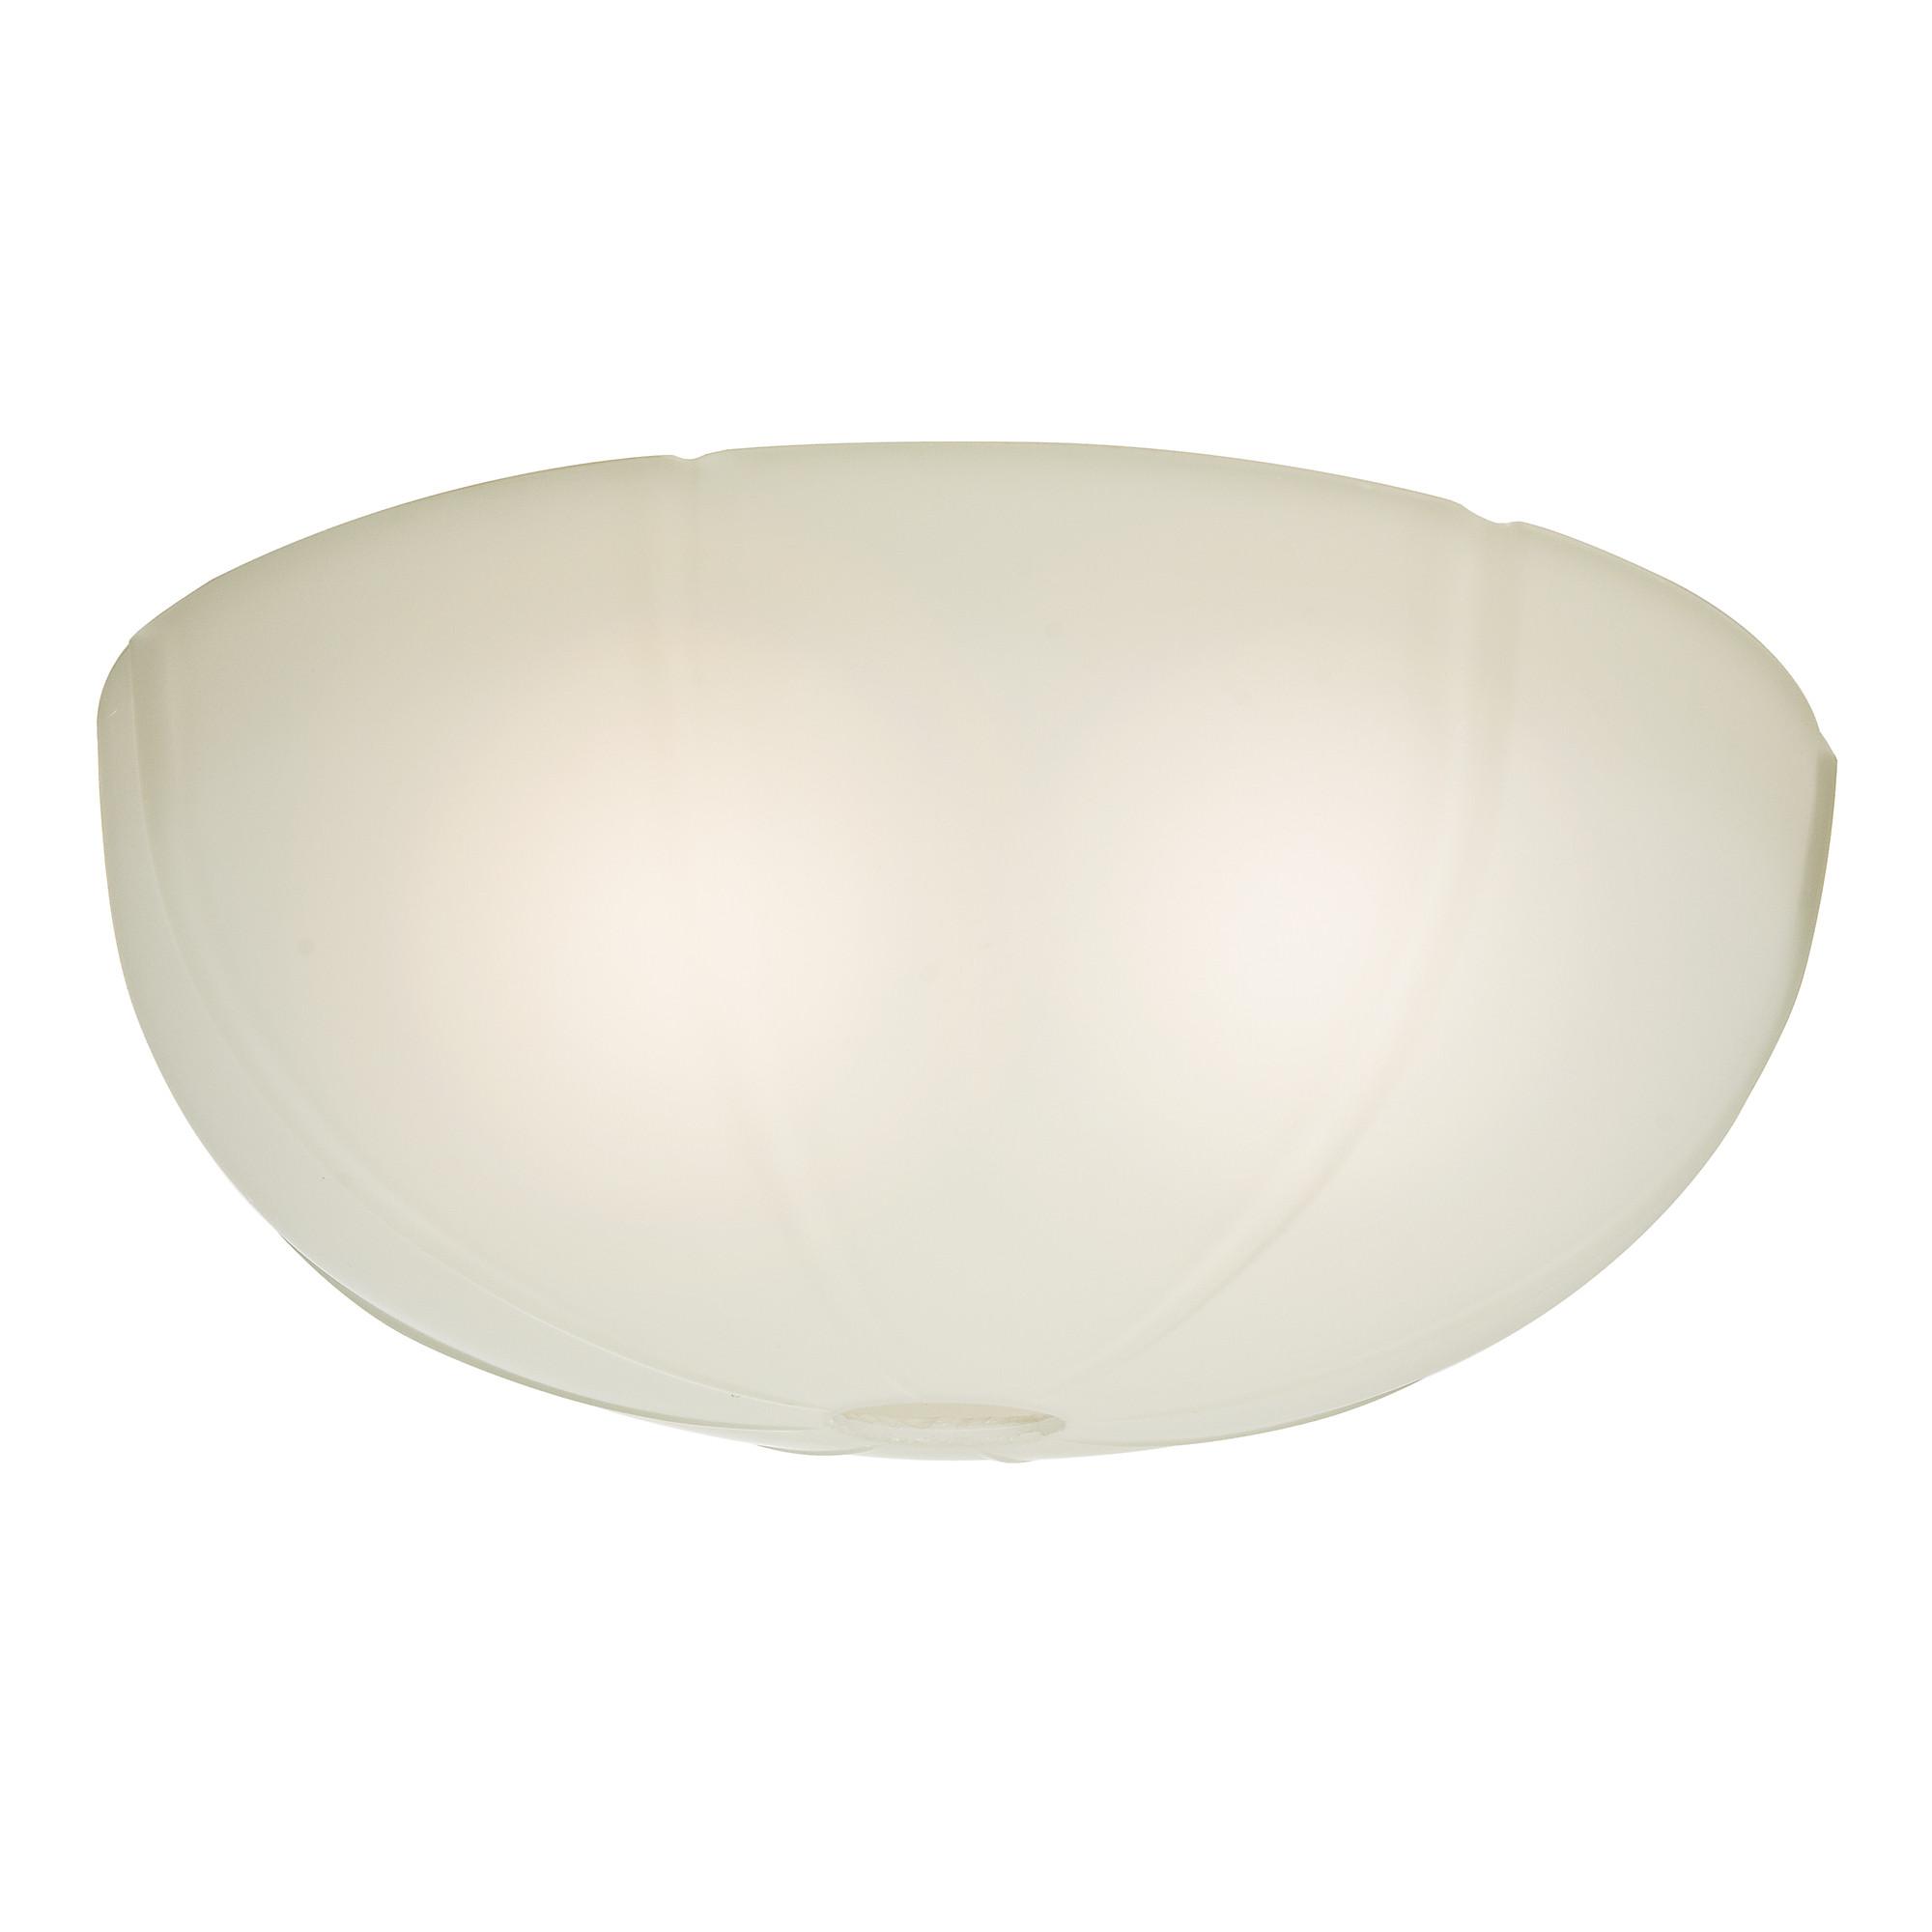 Casablanca Fan Company - 99061 - Cased White Glass Bowl